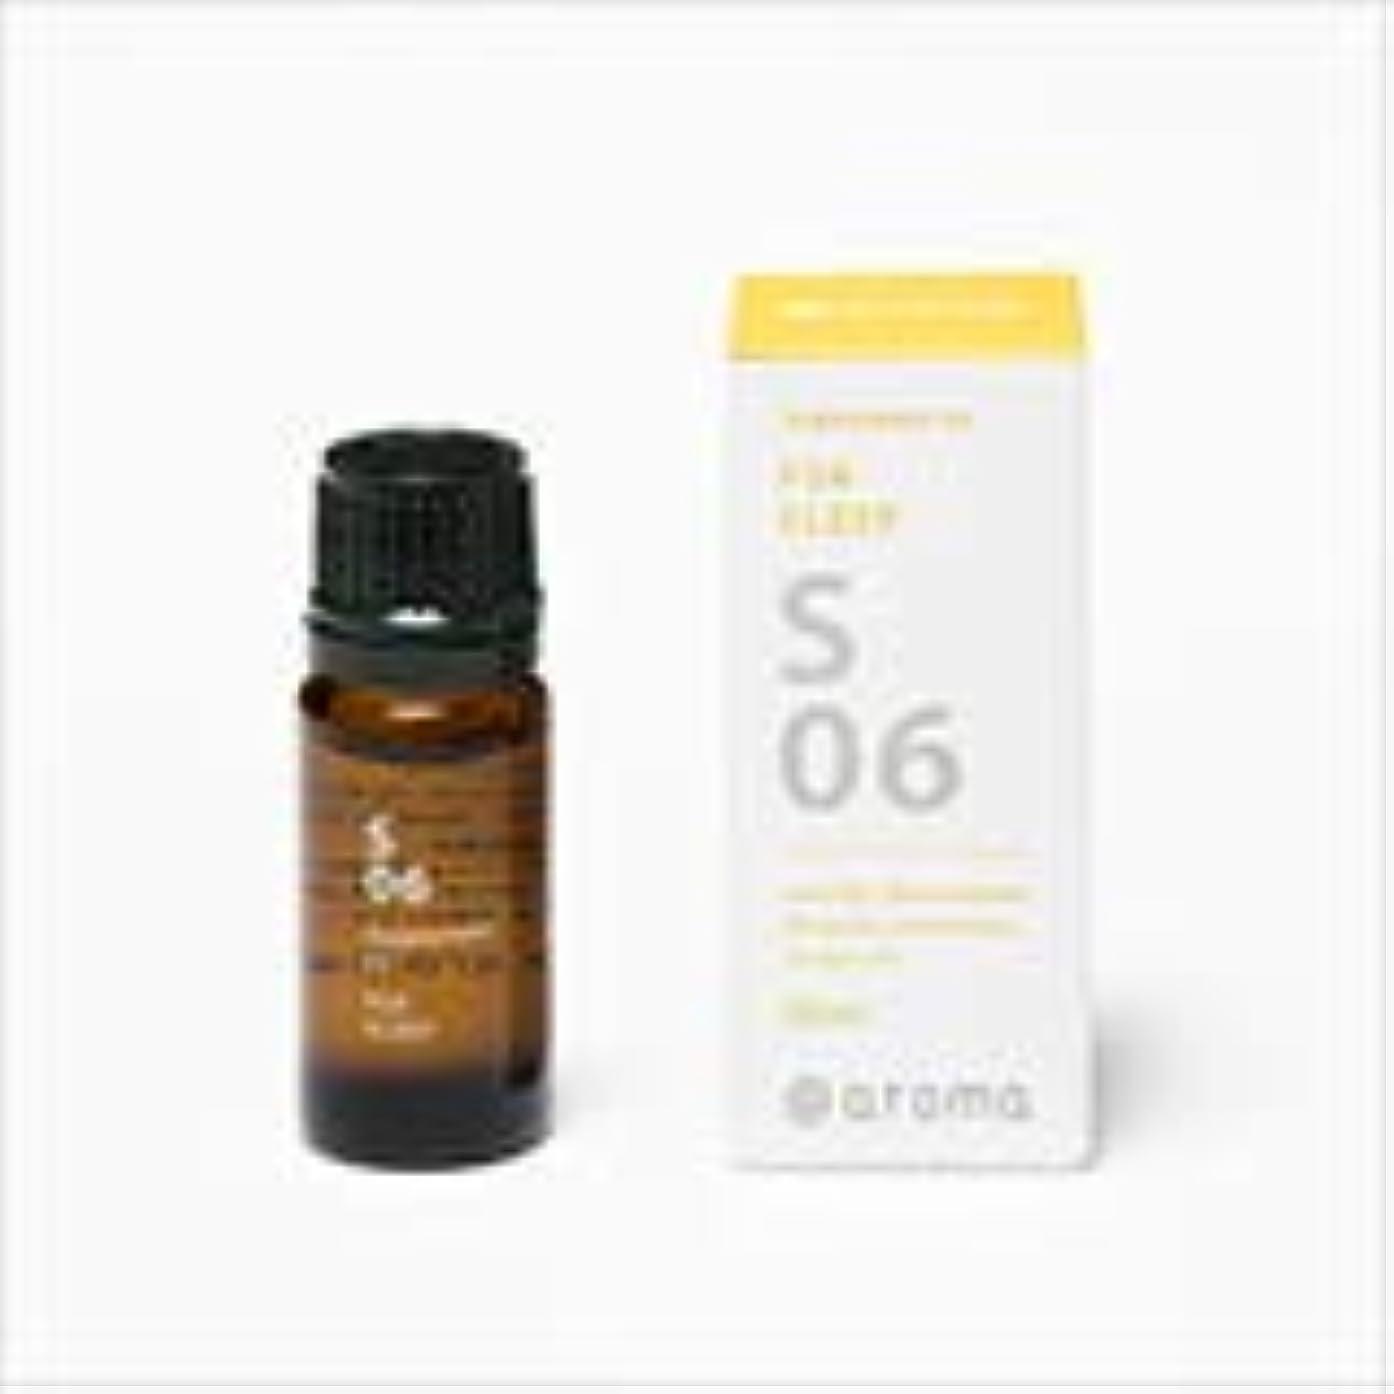 公使館消えるアリアットアロマ 100%pure essential oil <Supplement air リラックス&ビューティー>